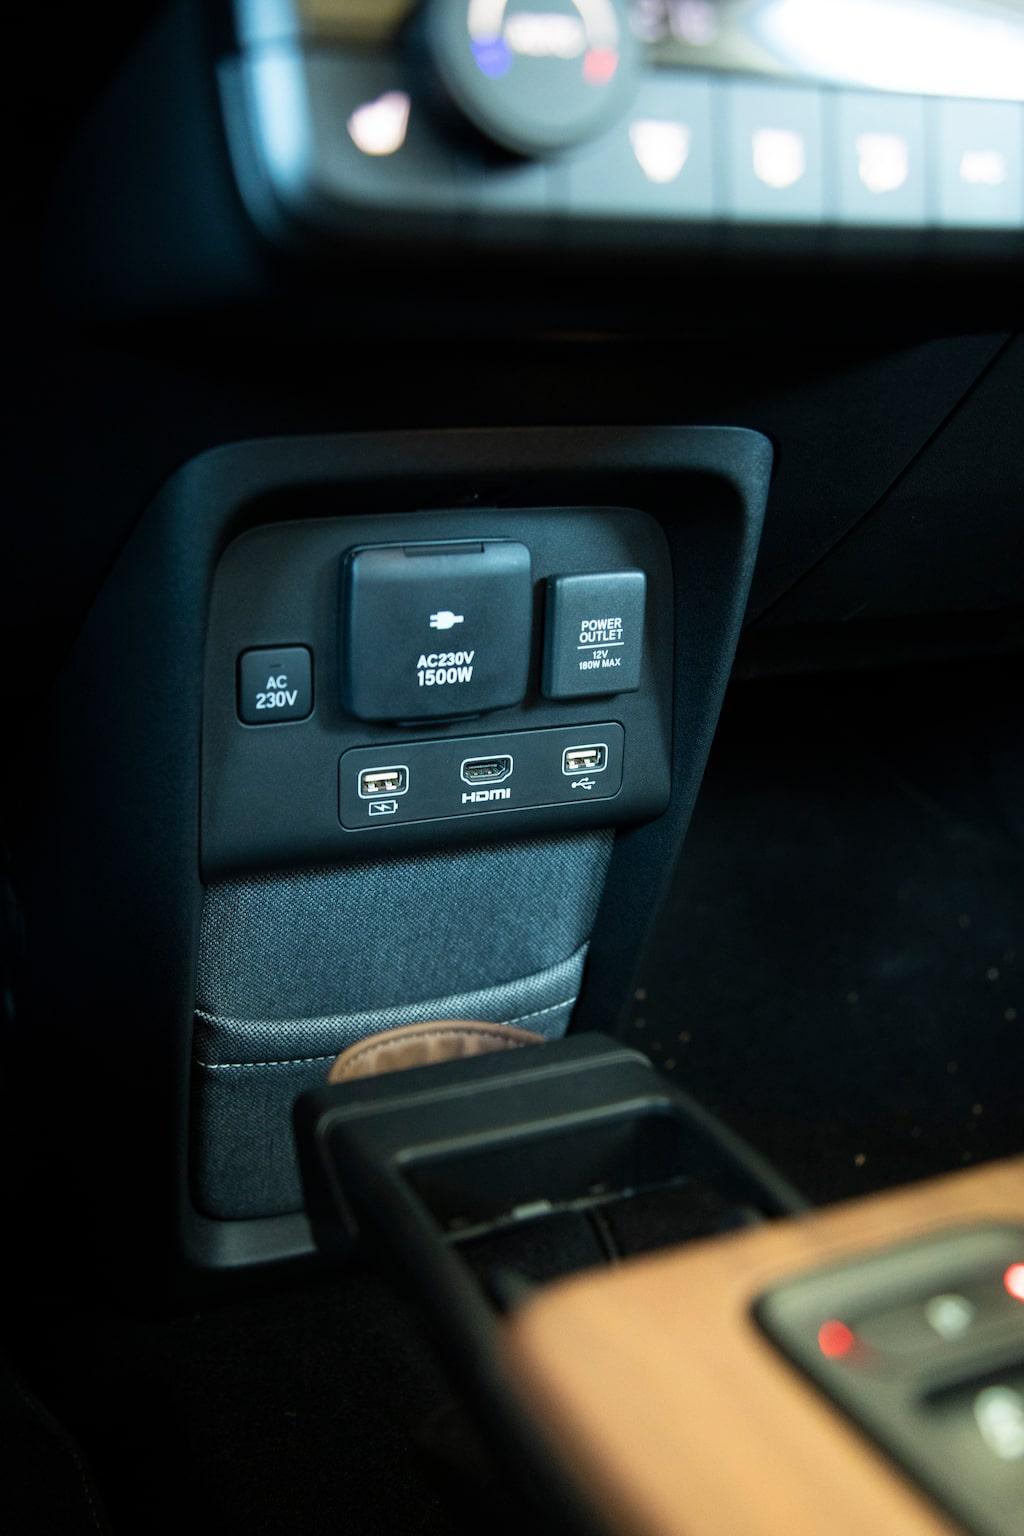 Anslutningsfest i Honda e! Här finns USB, 230V, 12V och HDMI.